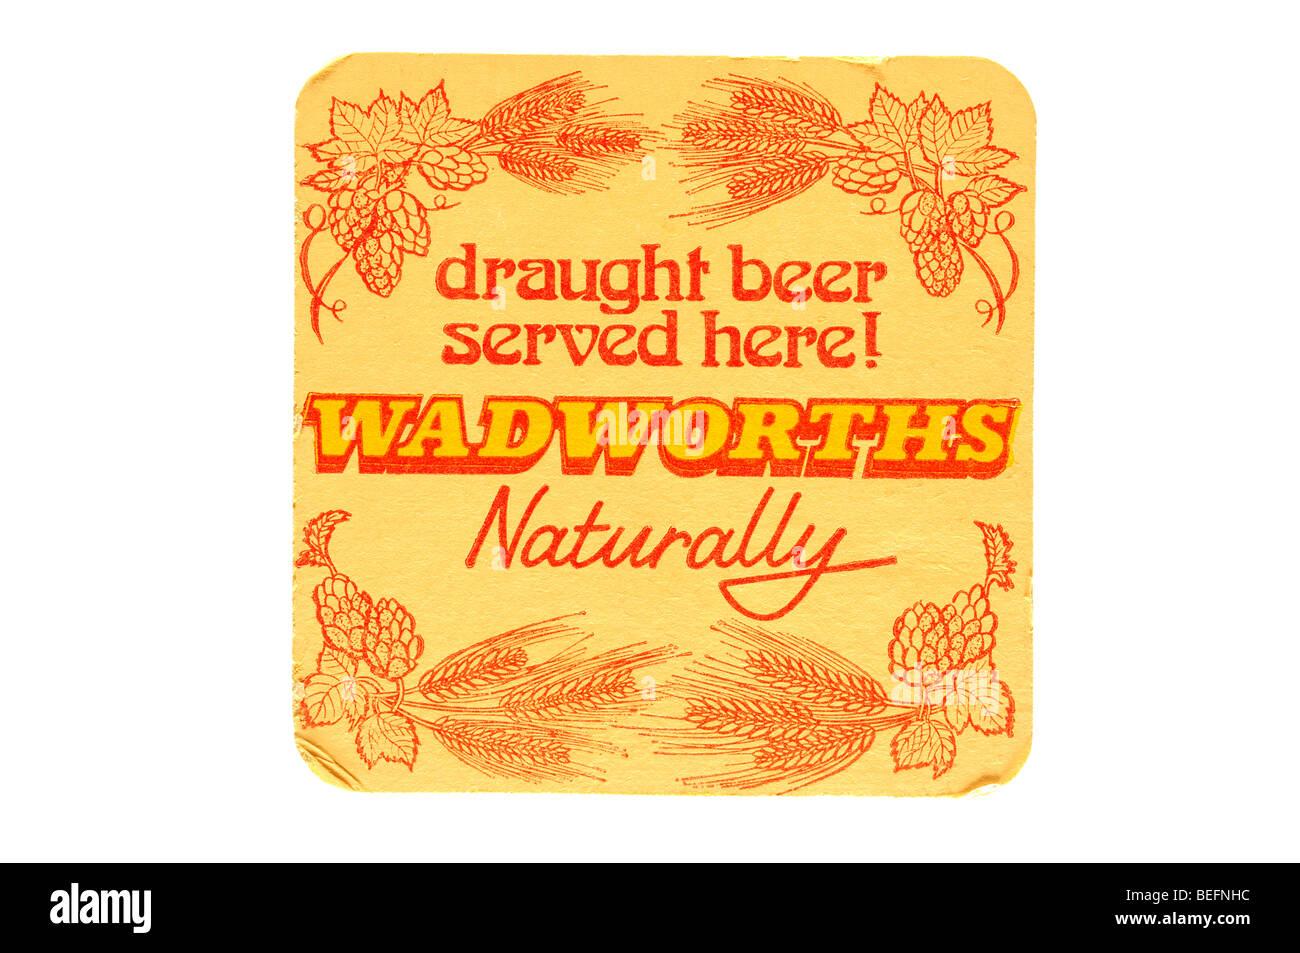 frisch gezapftes Bier serviert hier Wadworths natürlich Stockbild